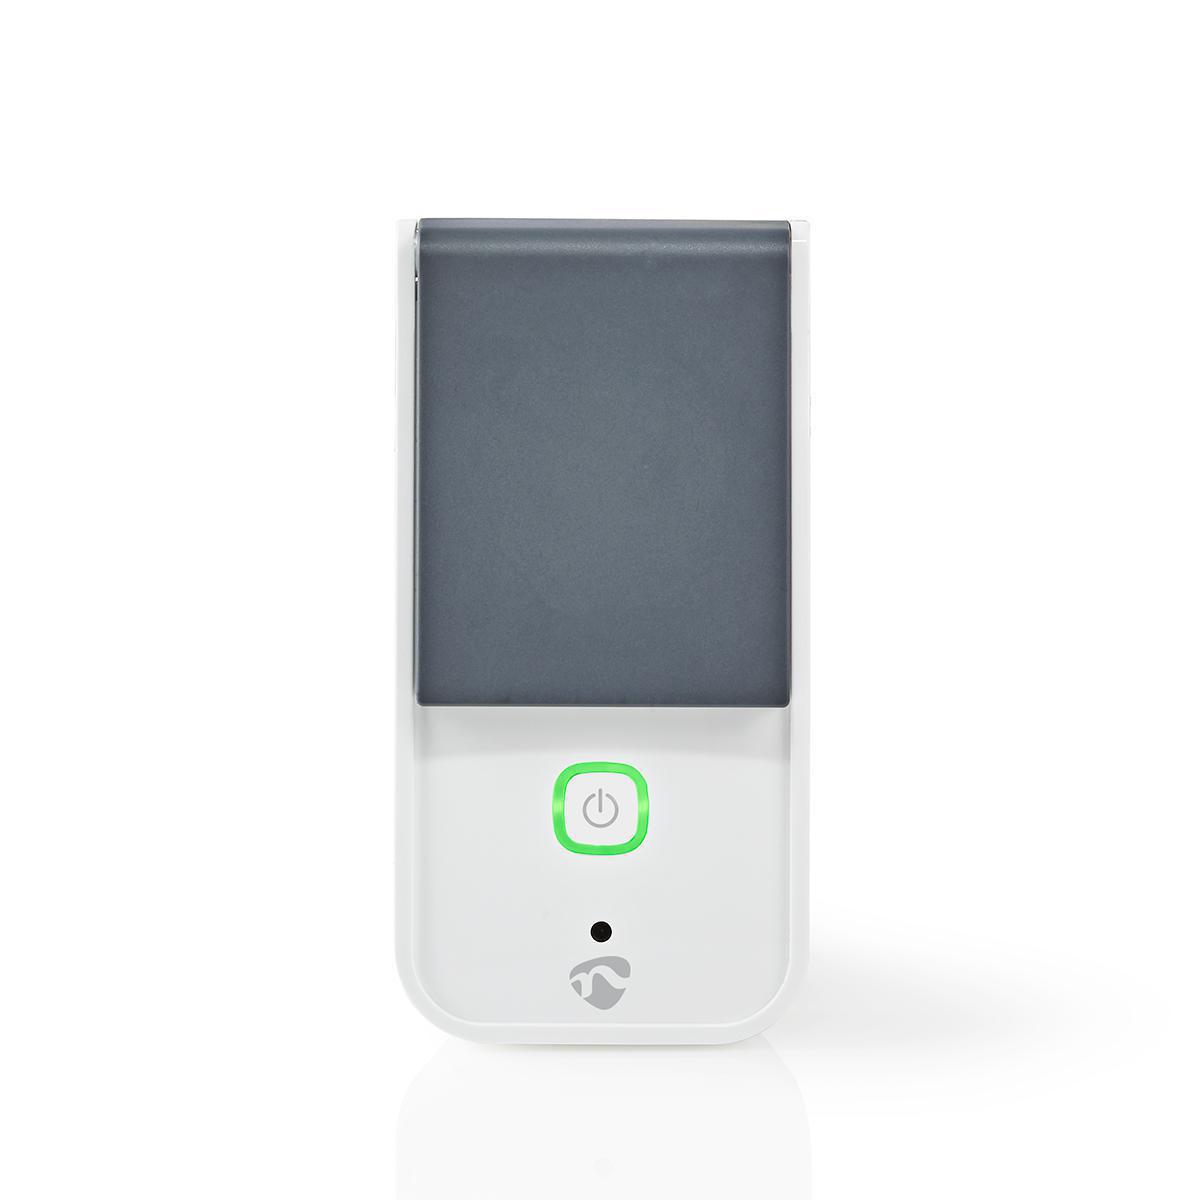 Contrôlez à distance tout appareil extérieur en le connectant simplement à cette prise intelligente sans fil et en connectant votre smartphone ou votre tablette à votre routeur Wi-Fi. Facile à configurer Vous n'avez vraiment pas besoin d'être un miracle t